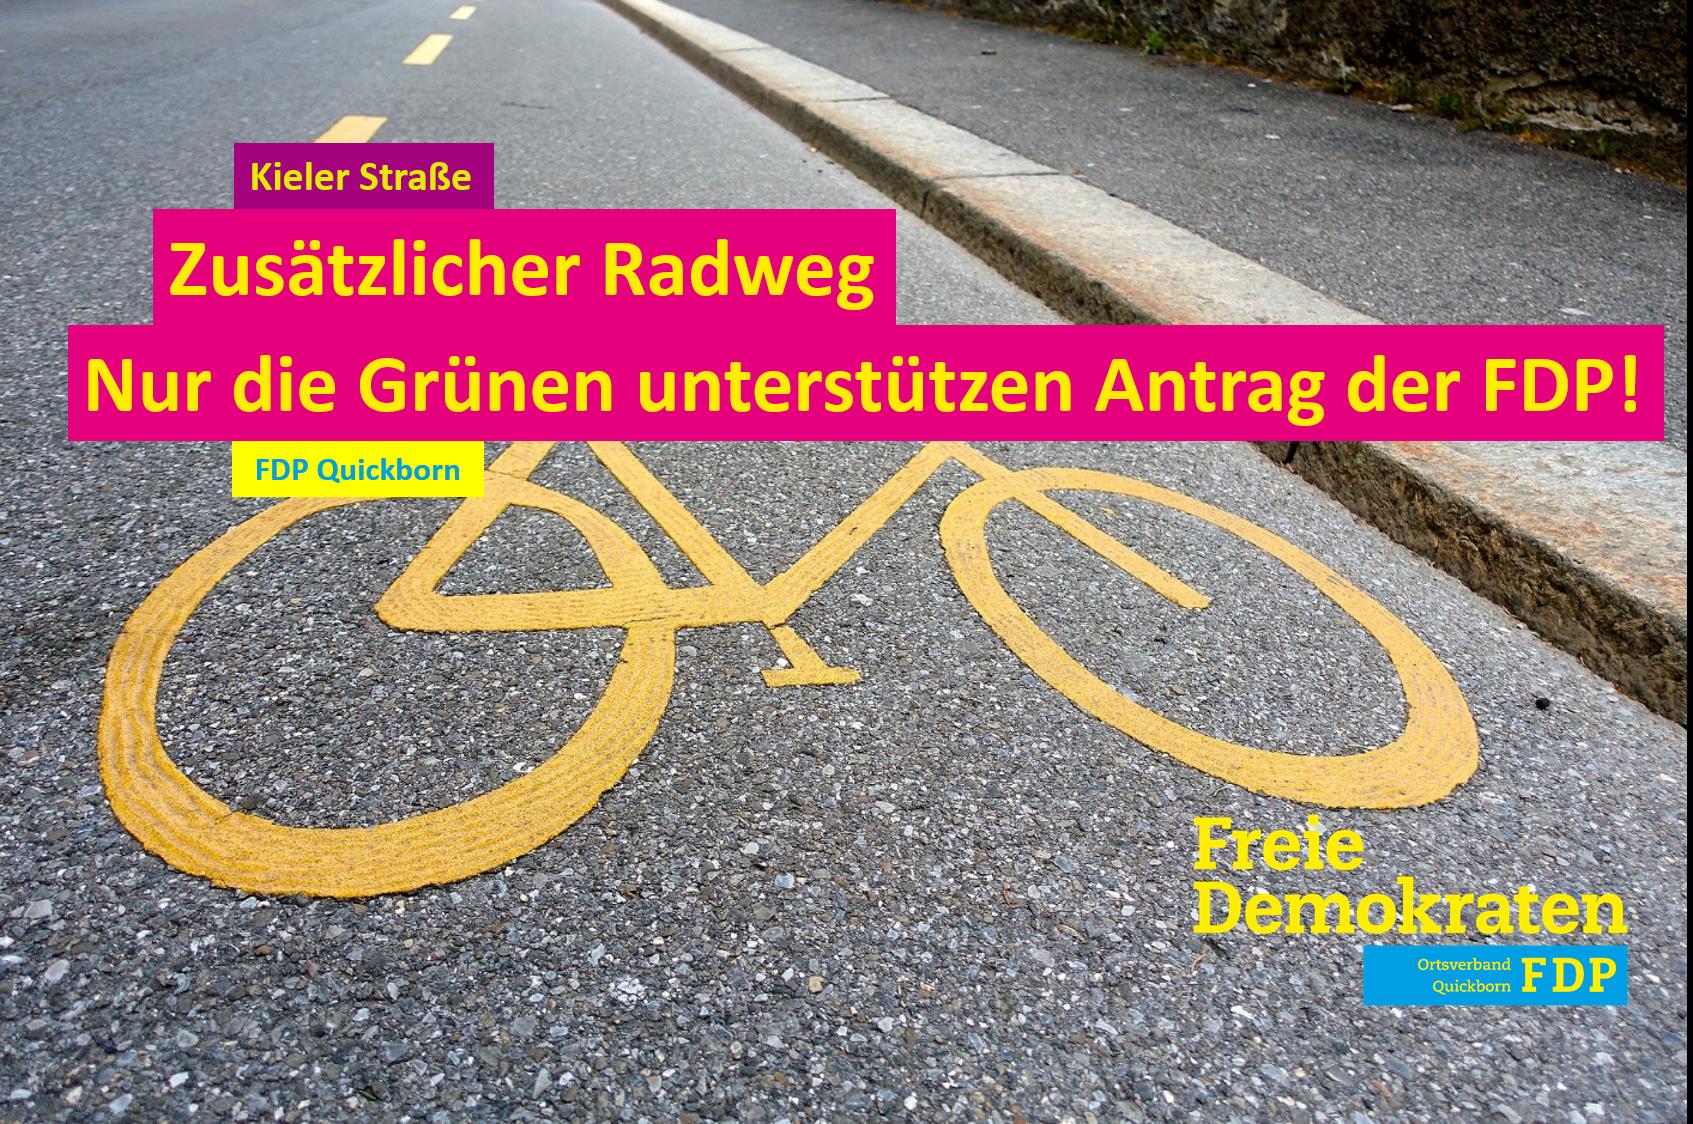 Bessere Verbindung für Fahrradverkehr entlang der Kieler Straße - Nur die Grünen unterstützen Antrag der FDP